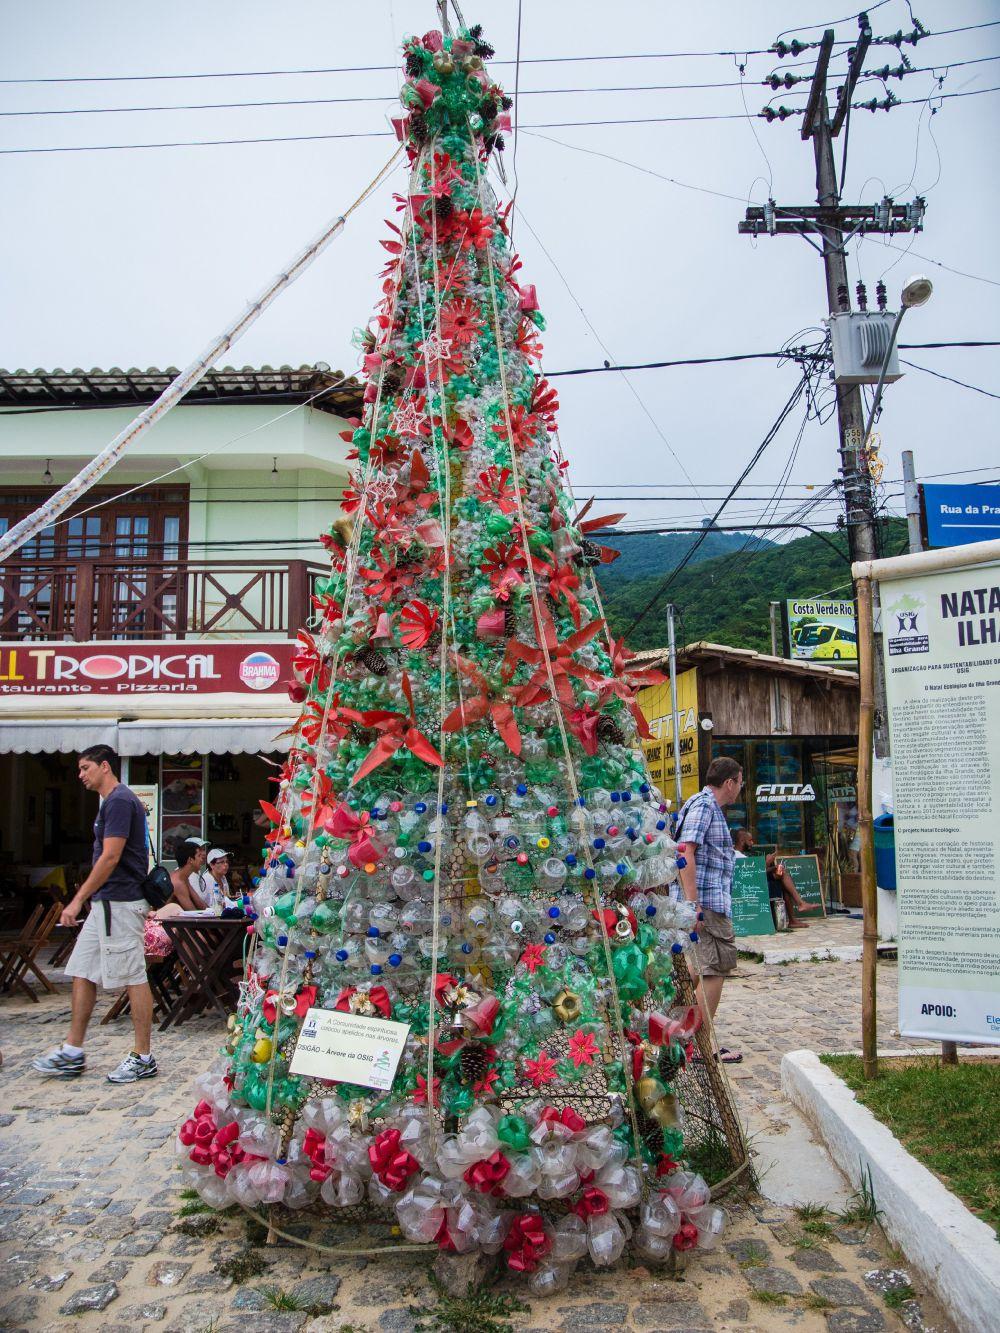 Бразильцы прямо на пляже установили новогоднюю елку, на создание которой потребовались пластиковые отходы